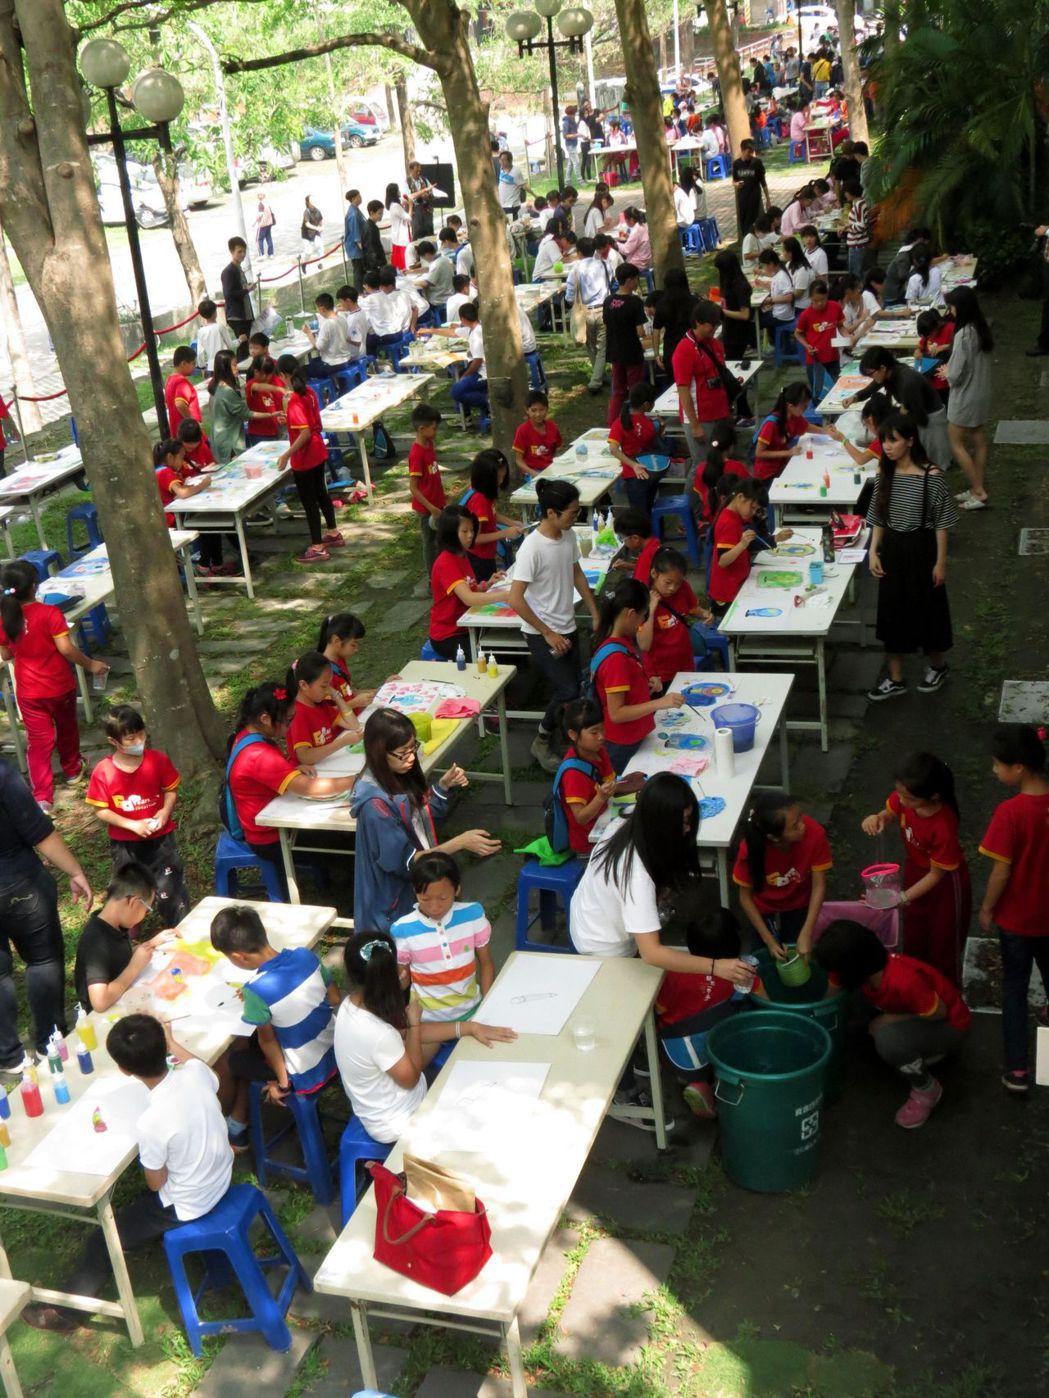 1千名台南學童彩繪動畫圖卡,千張圖卡變身停格畫面將組合成動畫。記者周宗禎/攝影